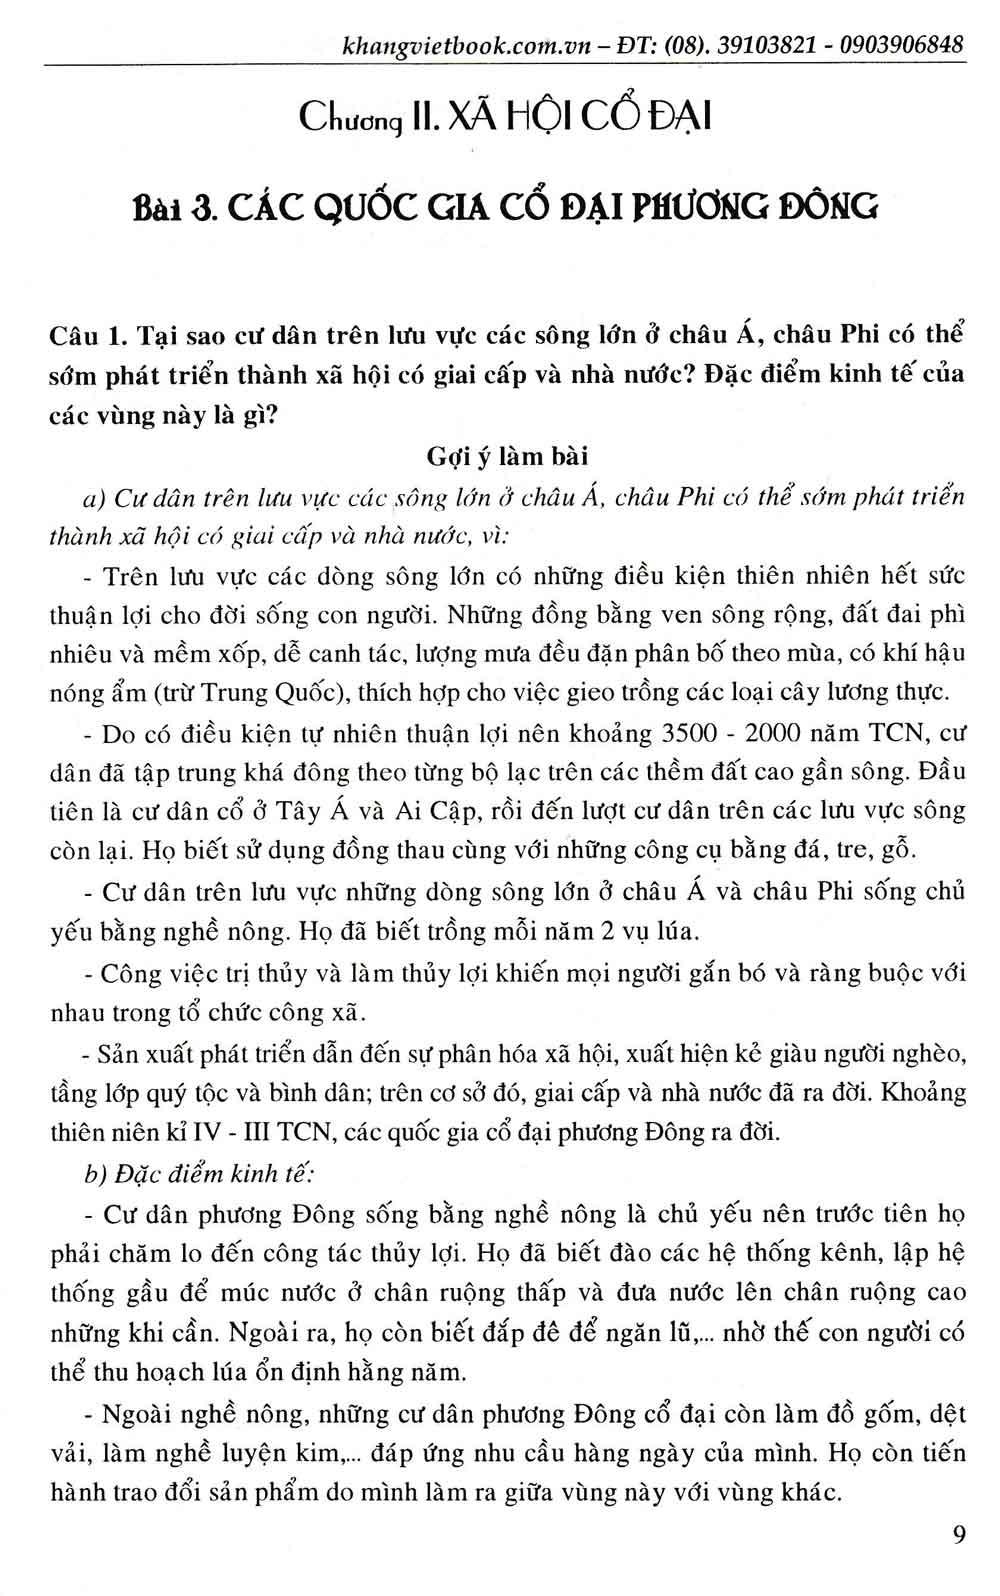 Chương